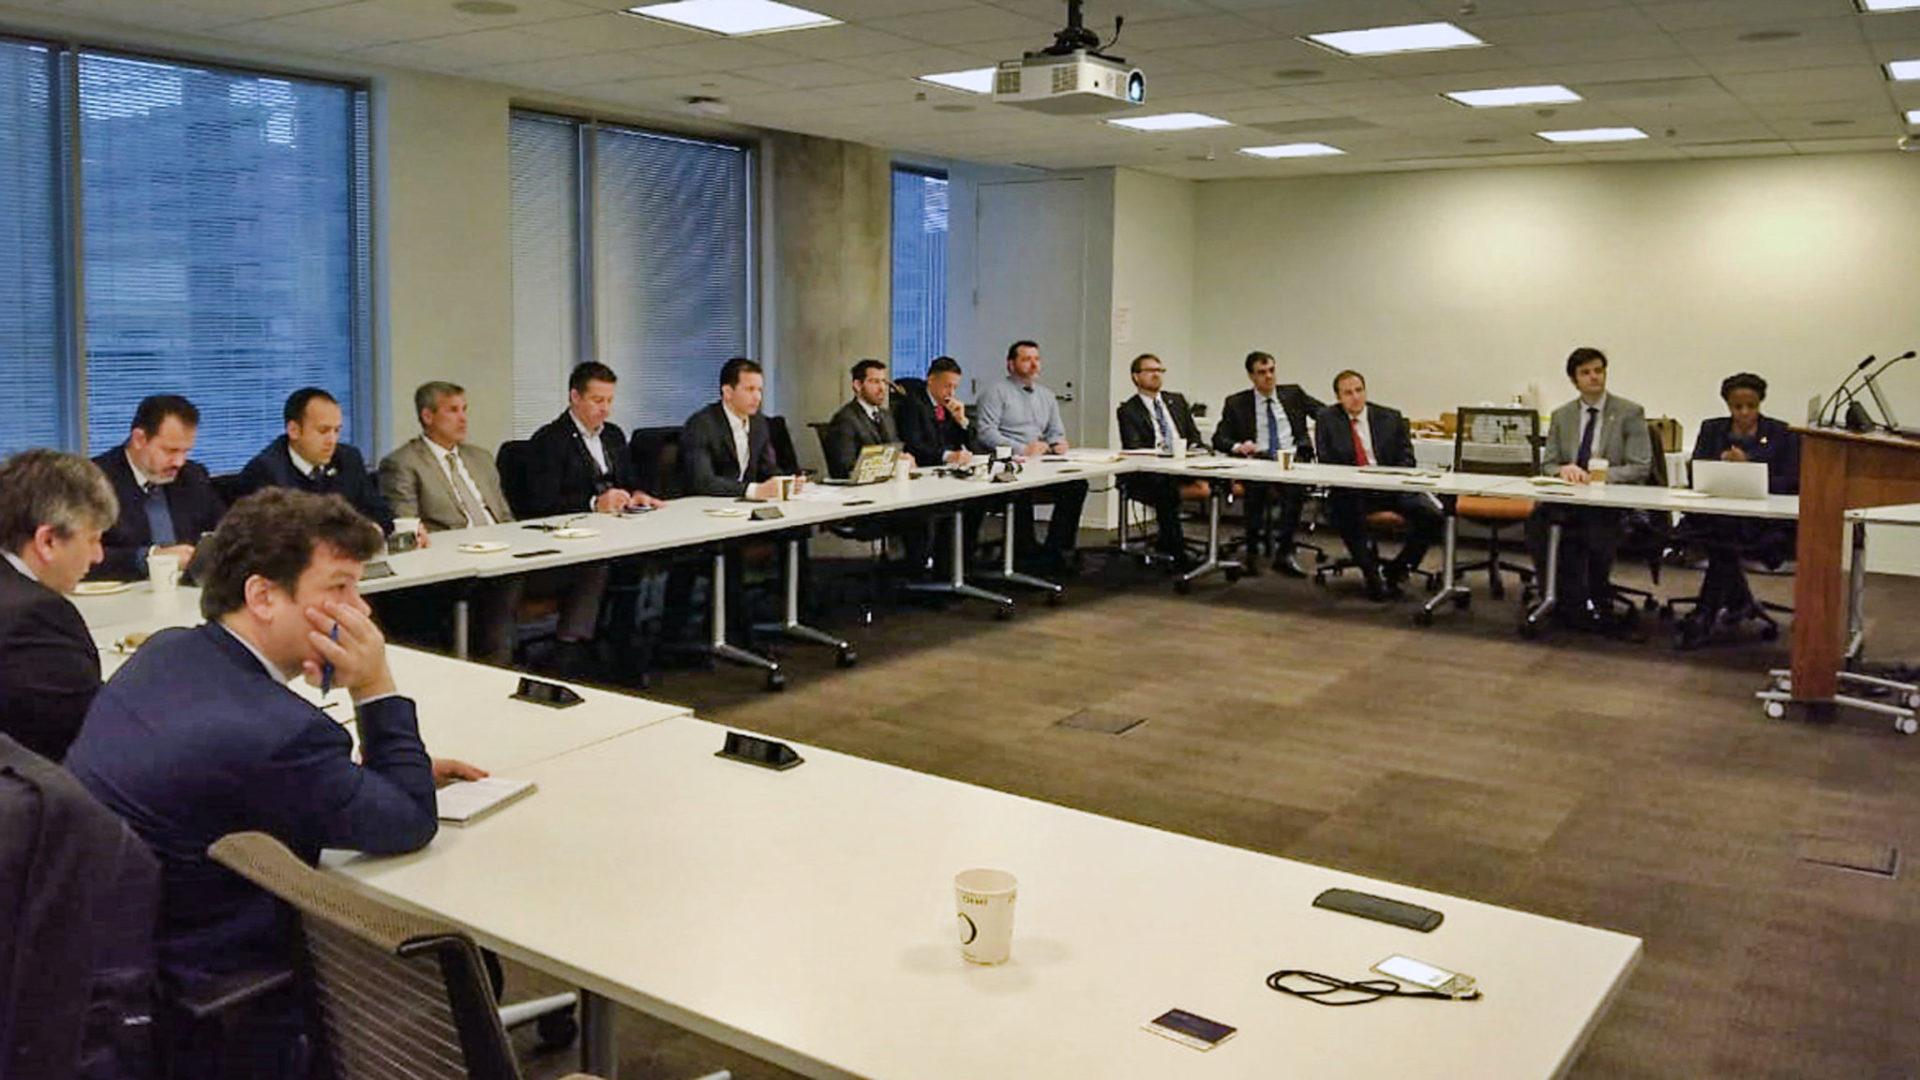 Missão aos EUA discute plano de investimentos para o 4º Distrito. Foto: PMPA